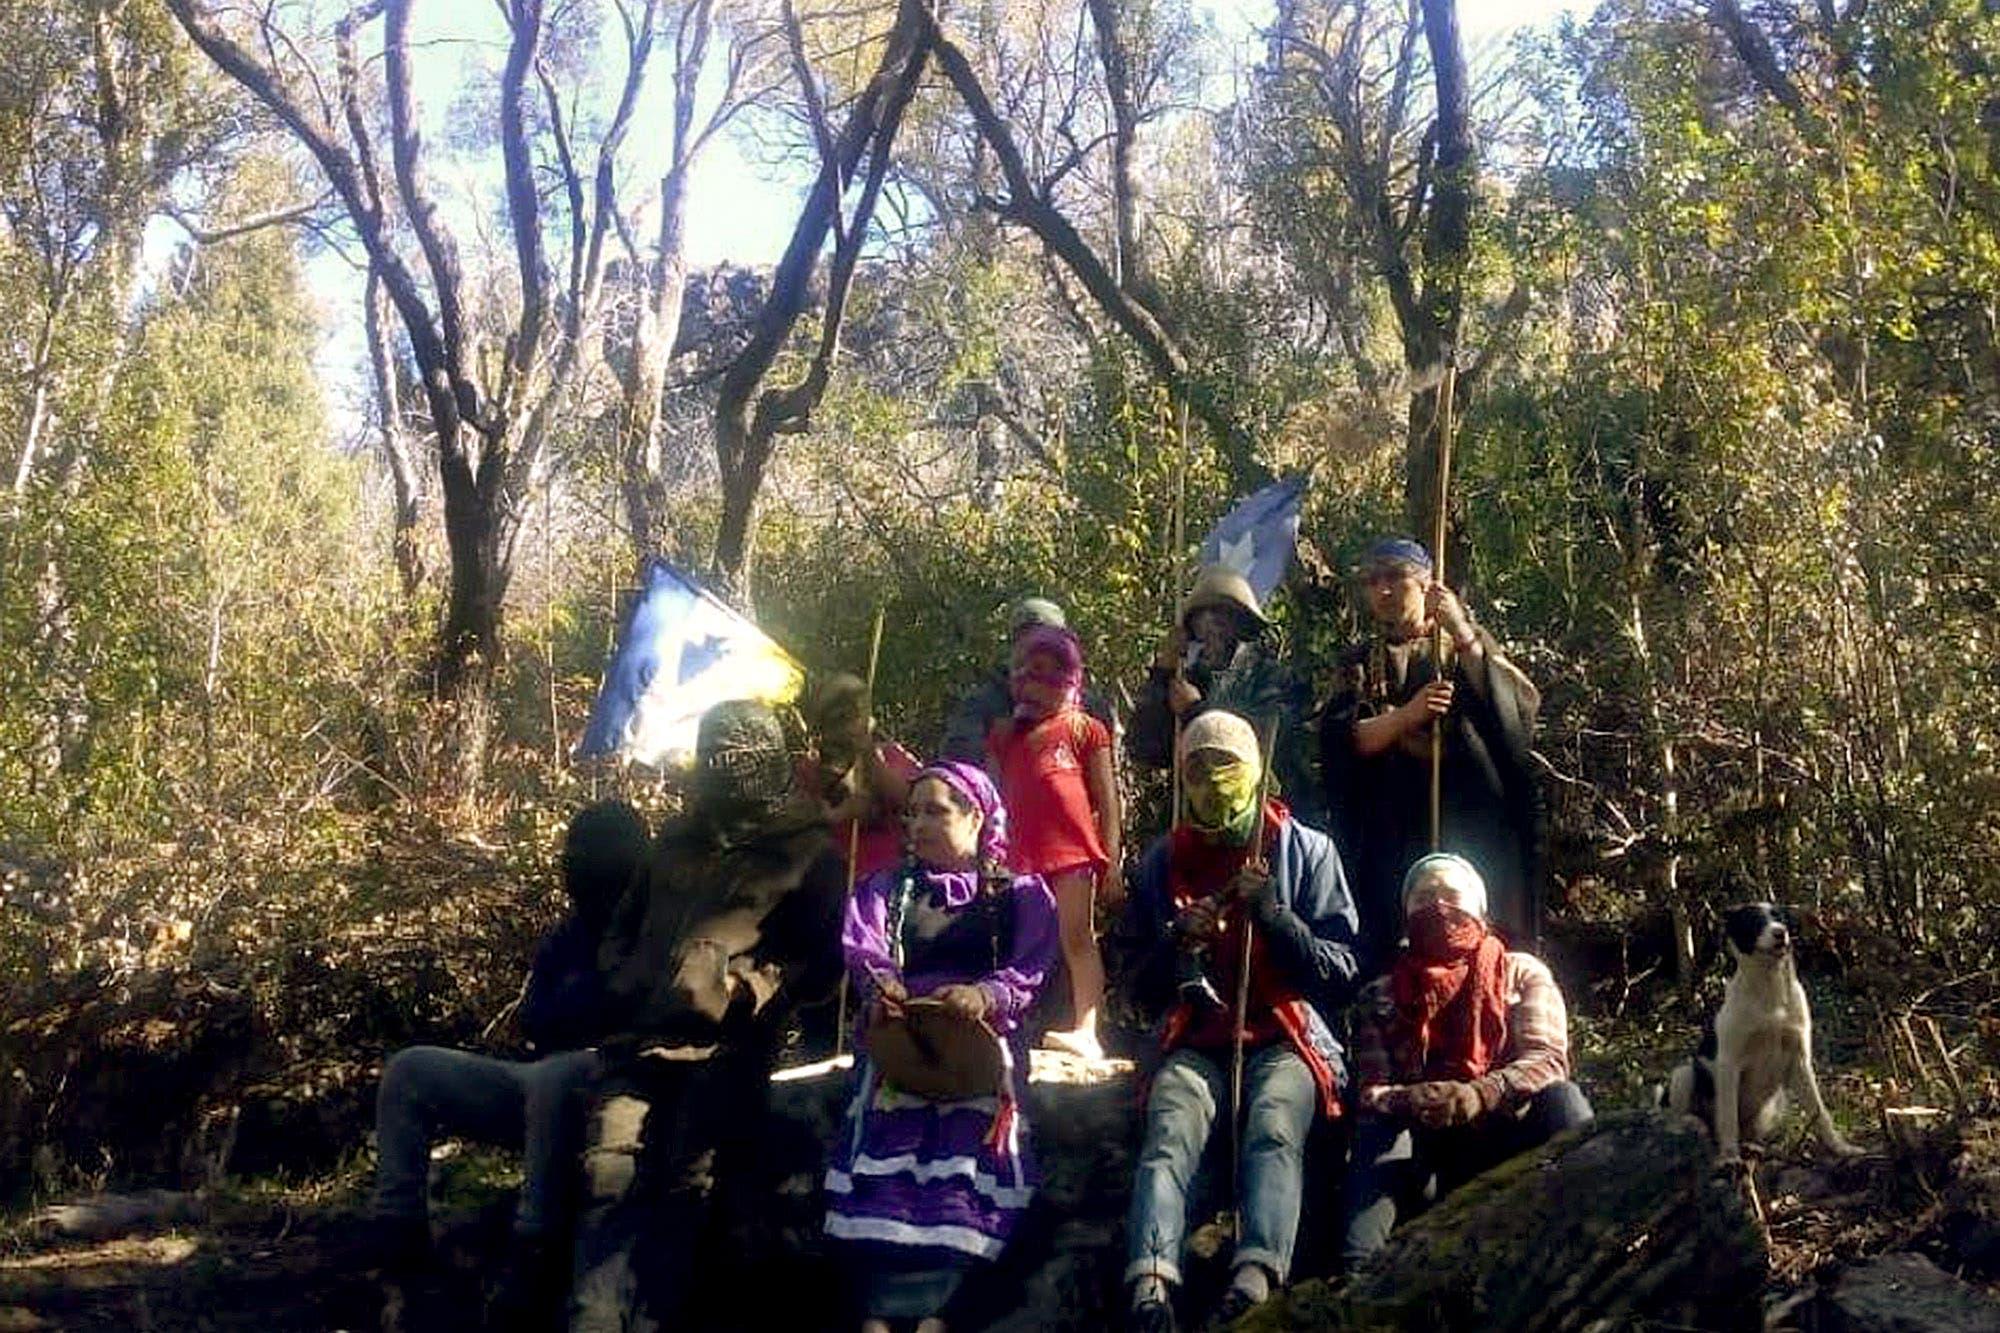 Conflicto mapuche: crece la preocupación por el avance de grupos violentos que ocuparon tierras del Parque Nacional Los Alerces